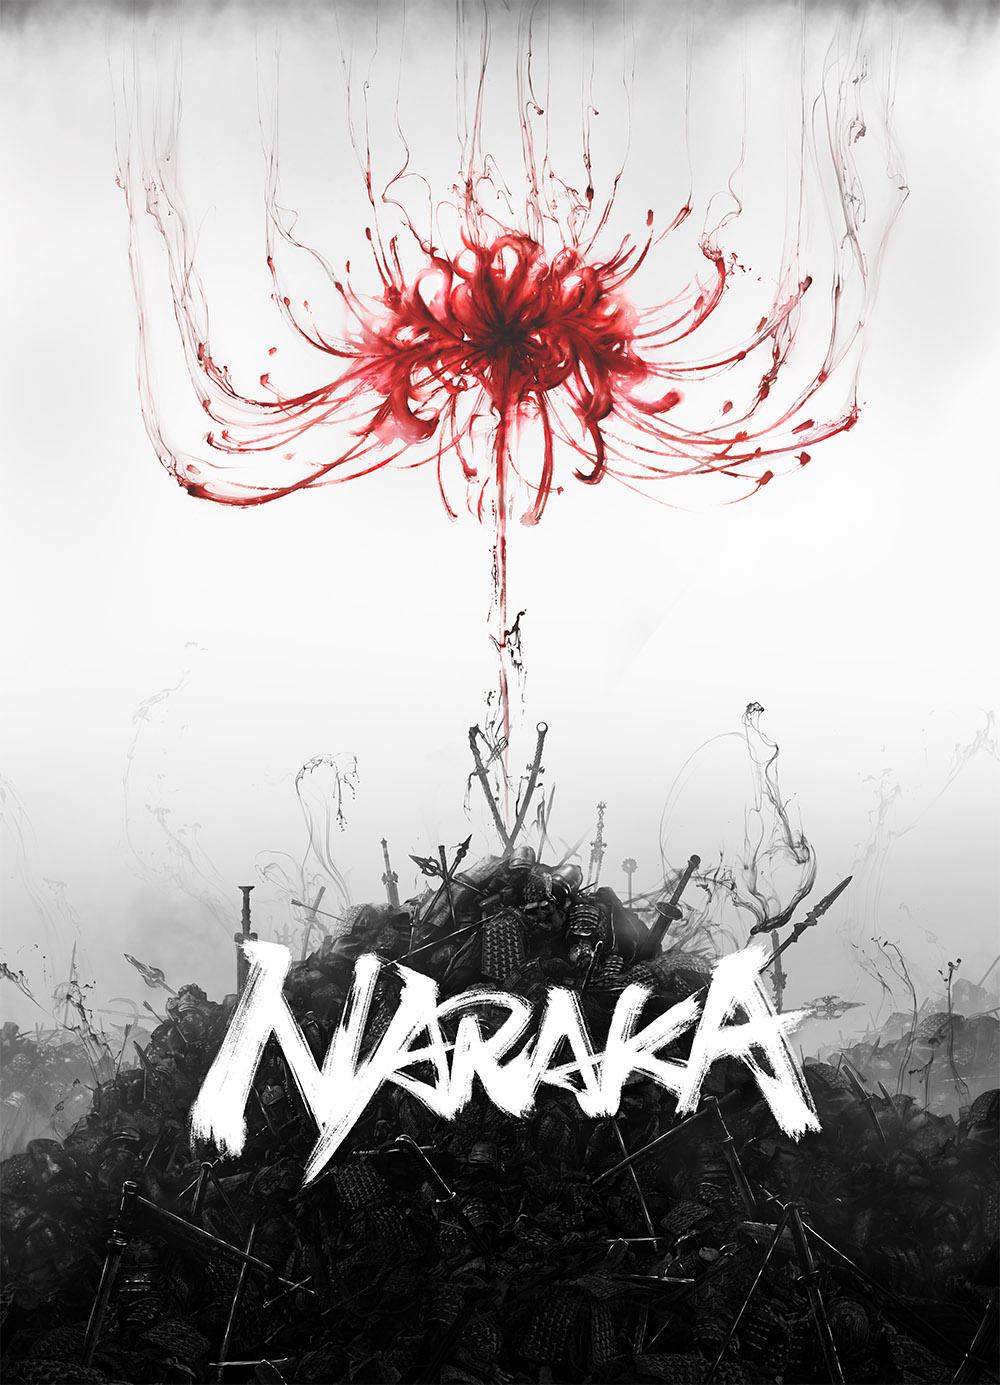 网易冷兵器动作新作《Naraka: Bladepoint》将在TGA上正式公布网易冷兵器动作新作《Naraka: Bladepoint》将在TGA上正式公布